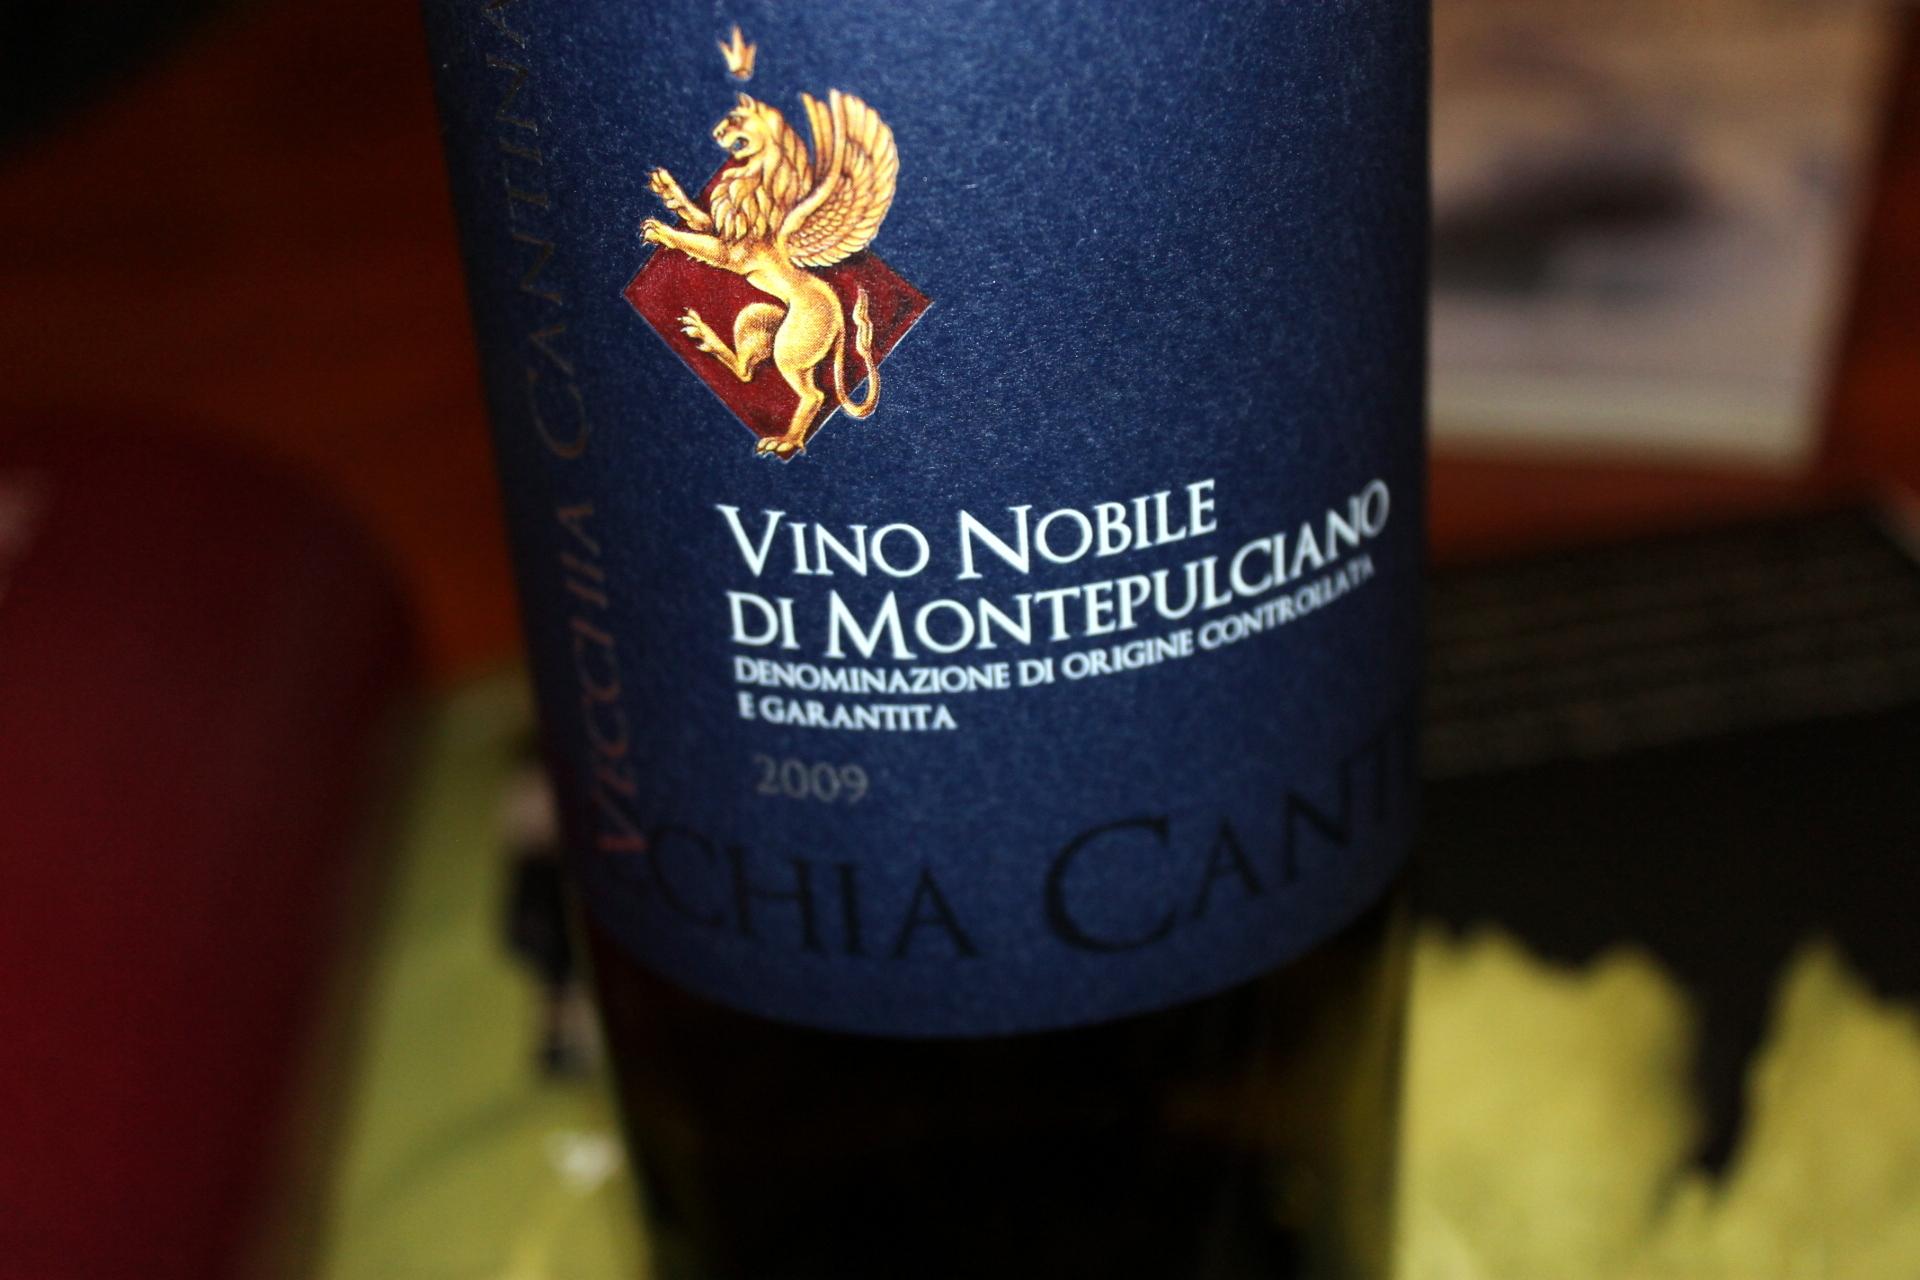 Vecchia Cantina Vino Nobile Di Montepulciano